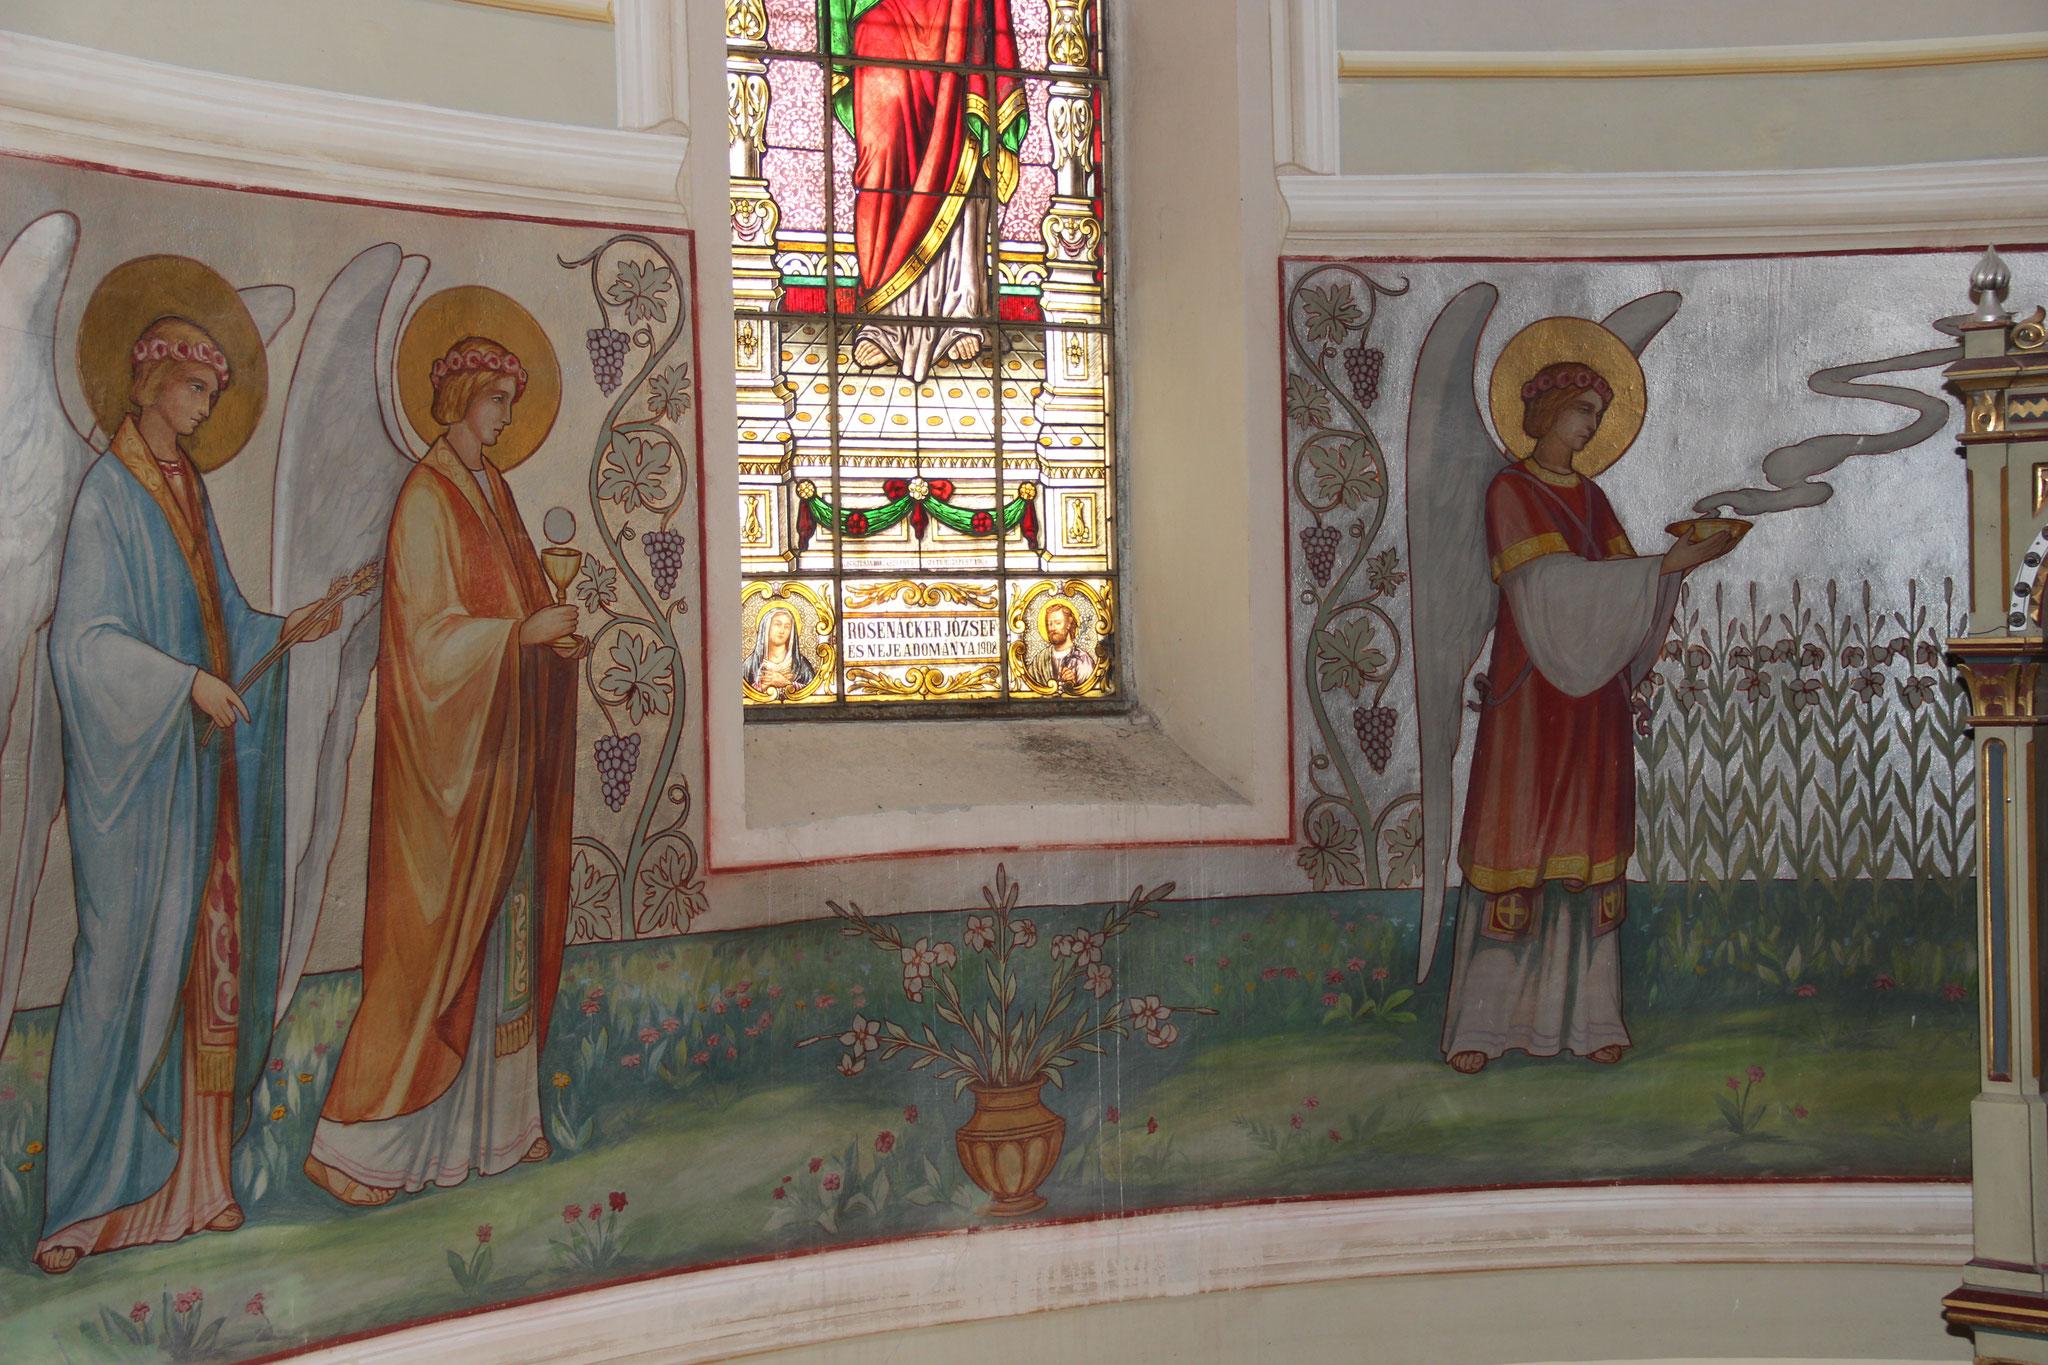 Wandmalerei im Altarraum